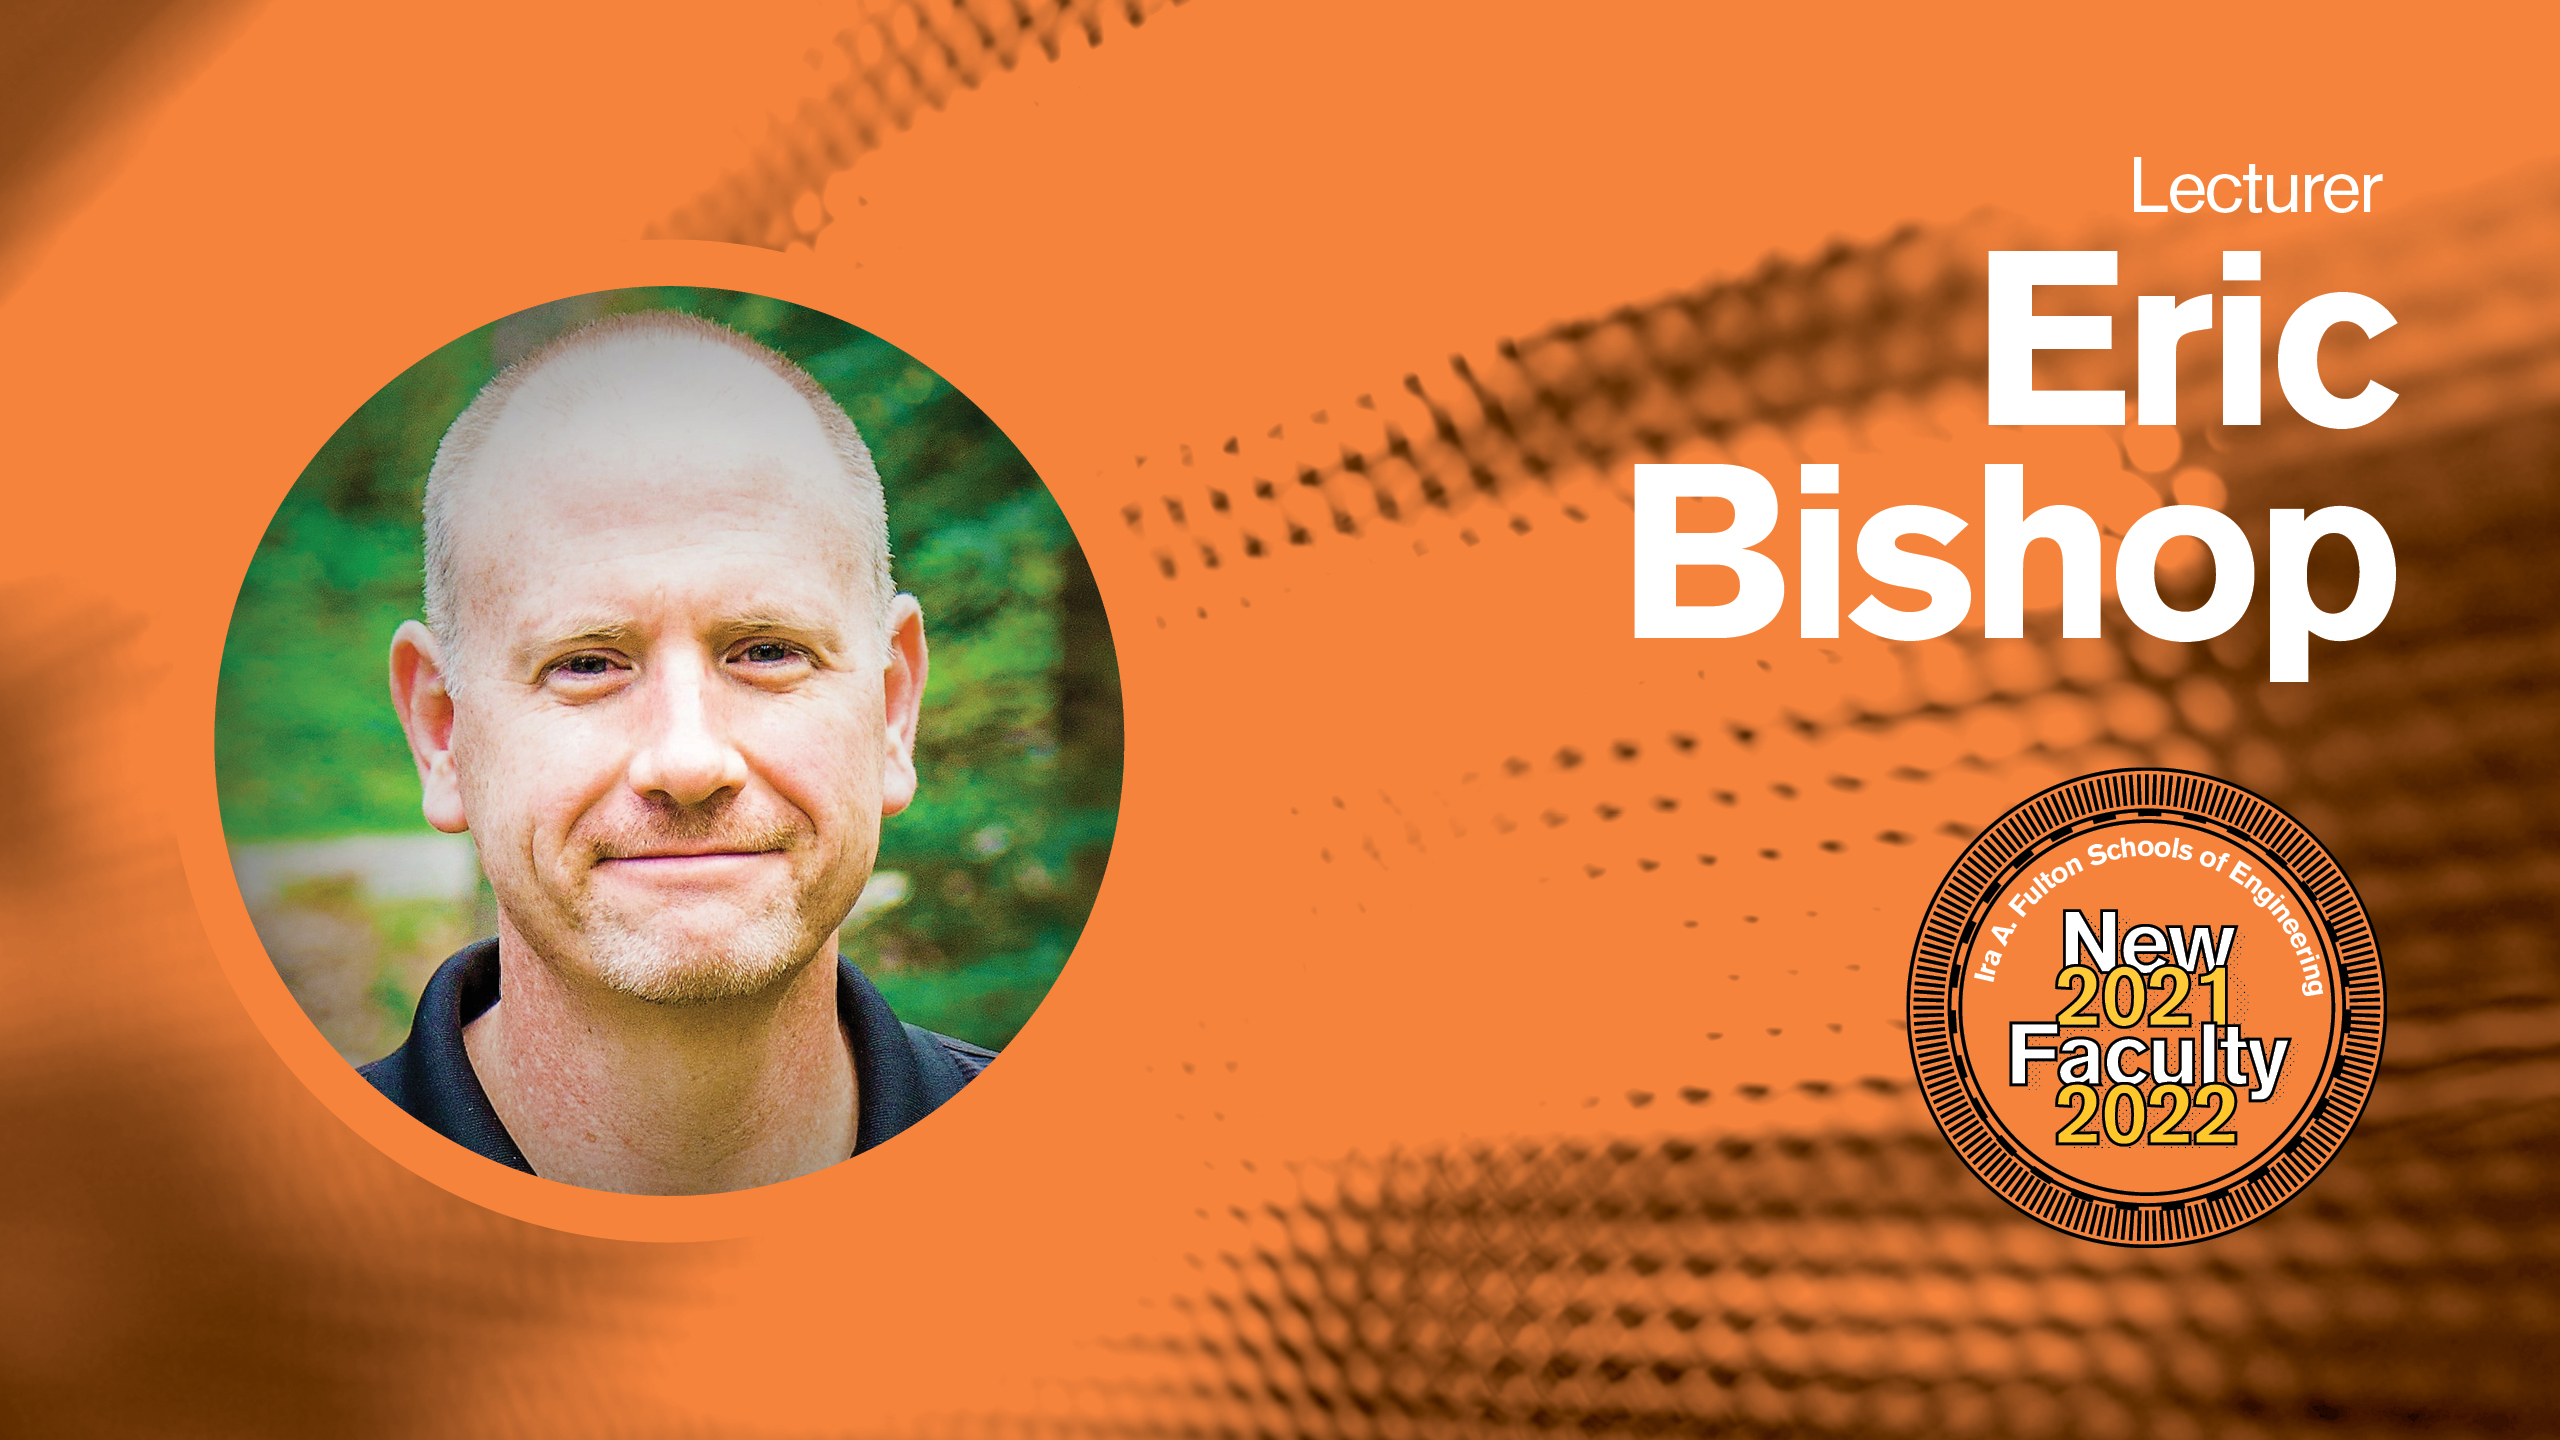 Eric Bishop